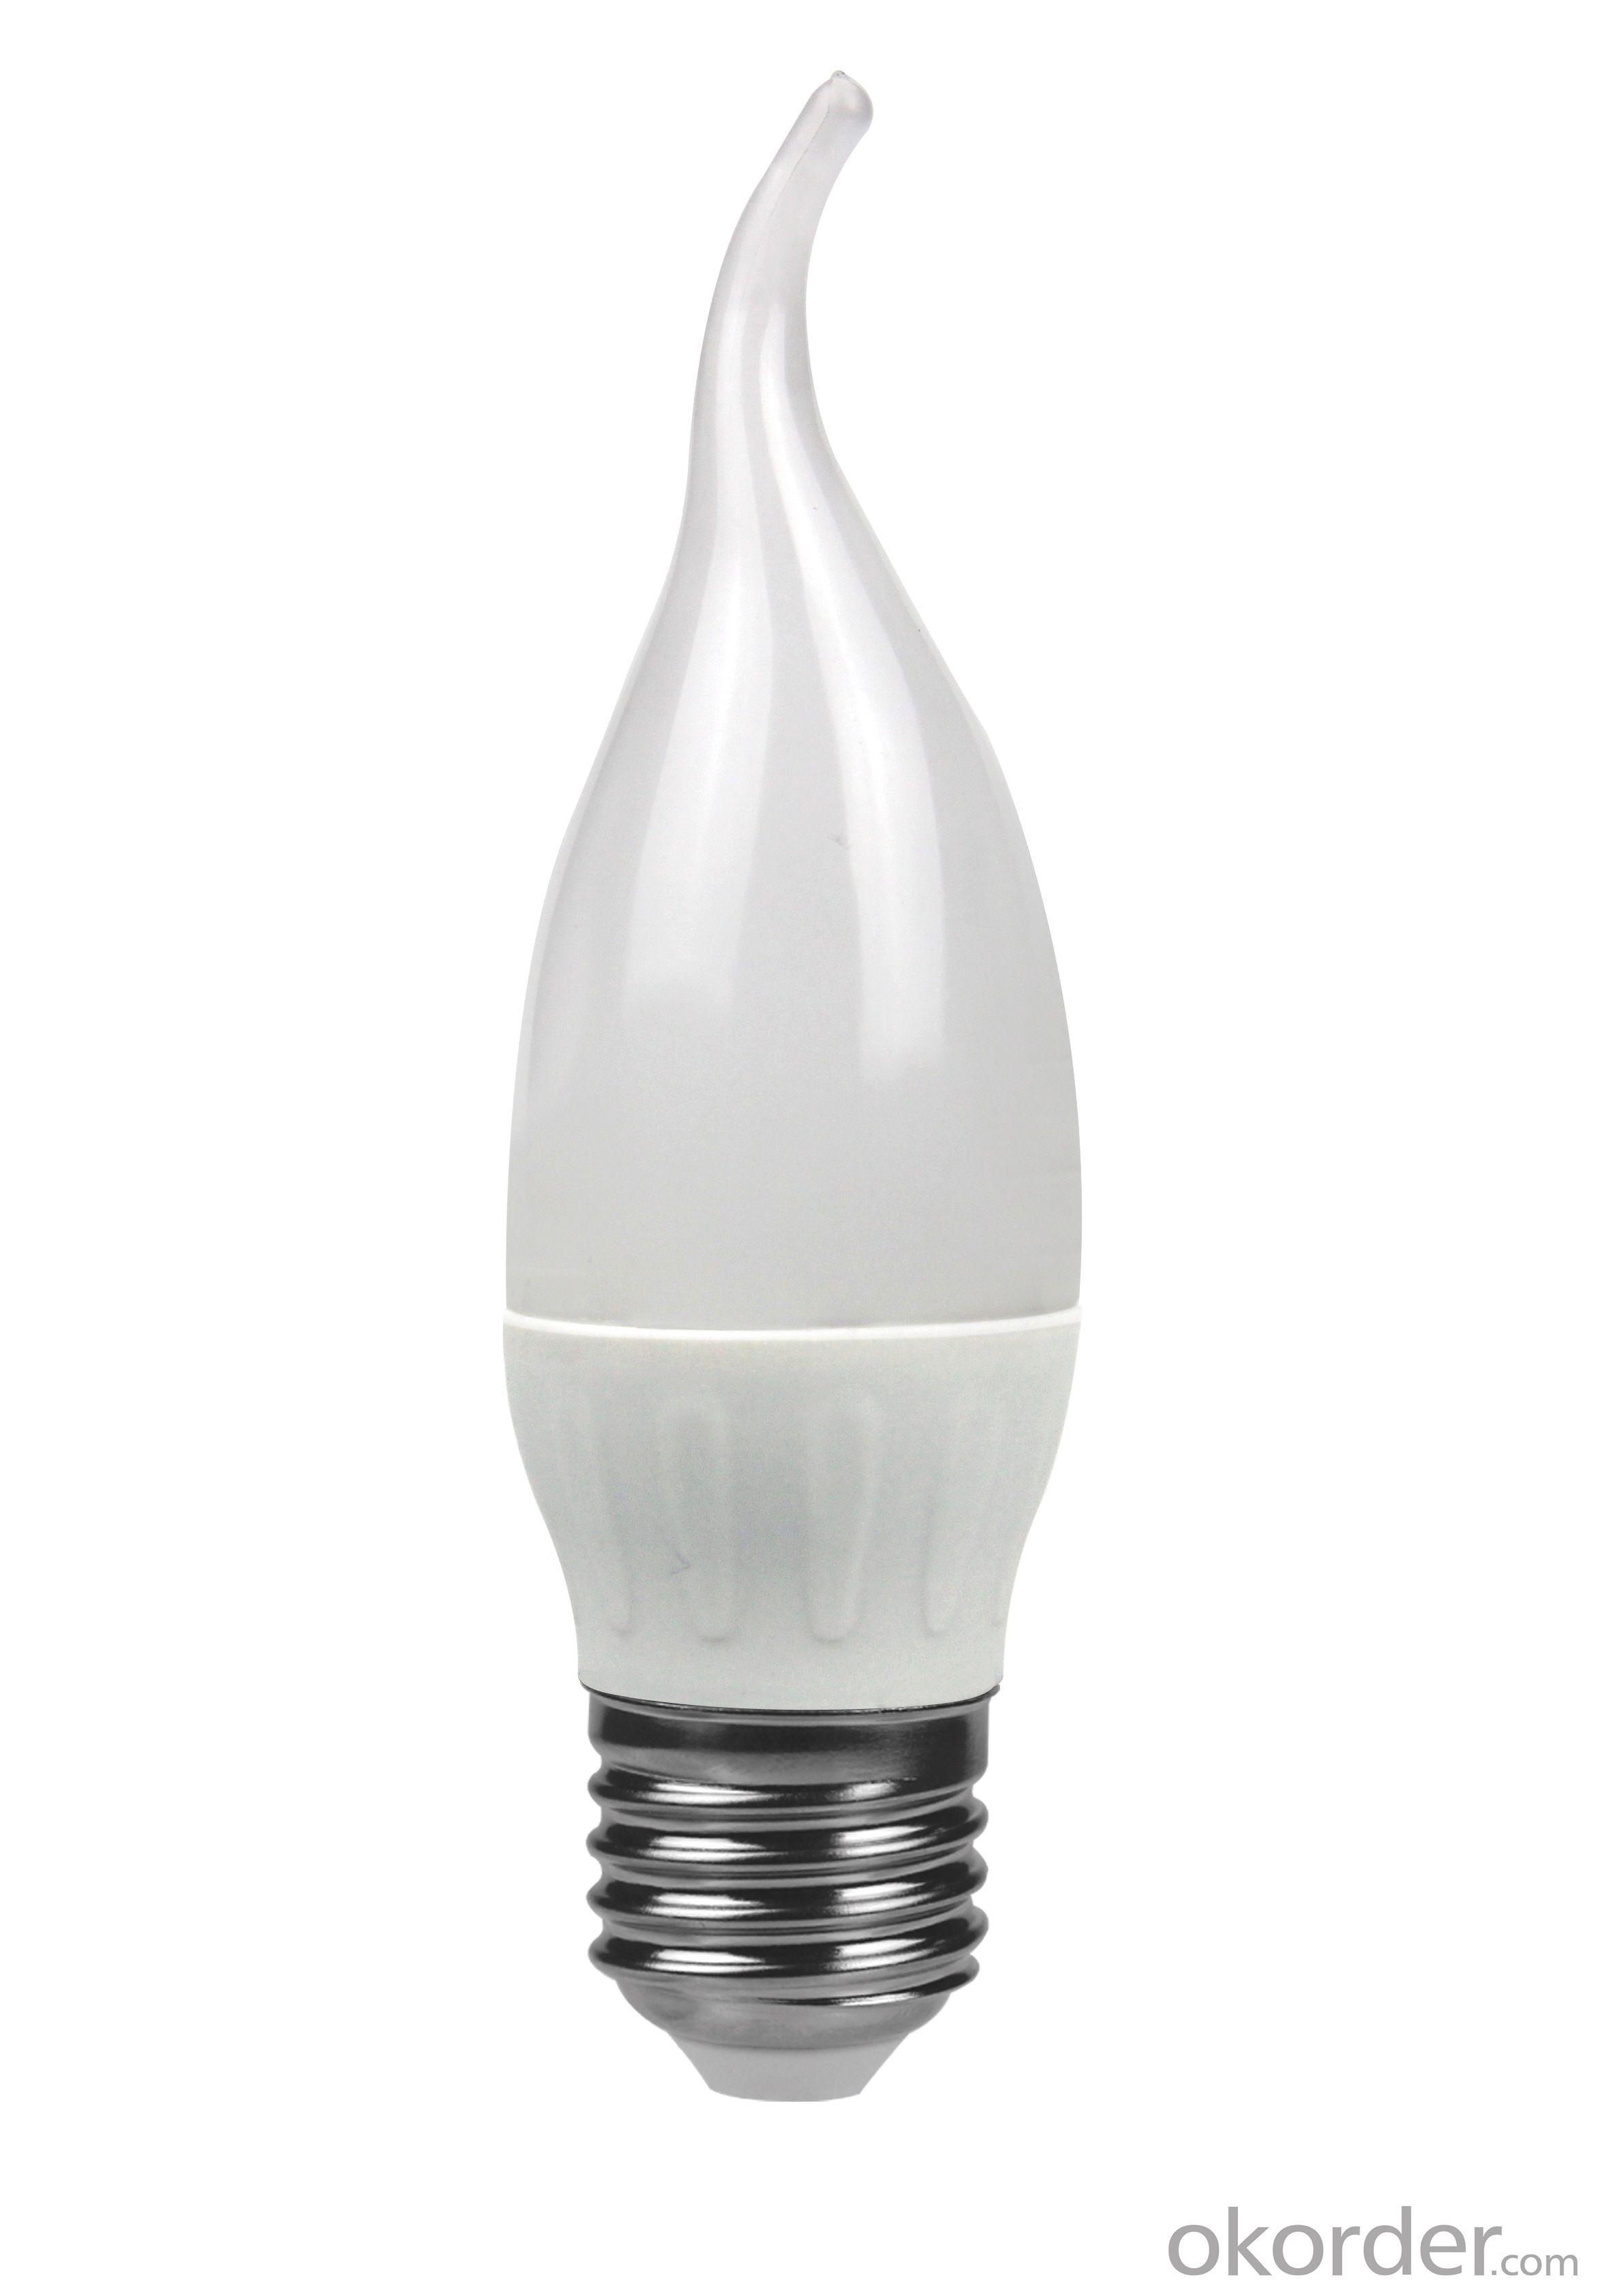 LED Bulb Light E27 3000k-4000K-5000K-6500k C37 9W 800 Lumen Non Dimmable